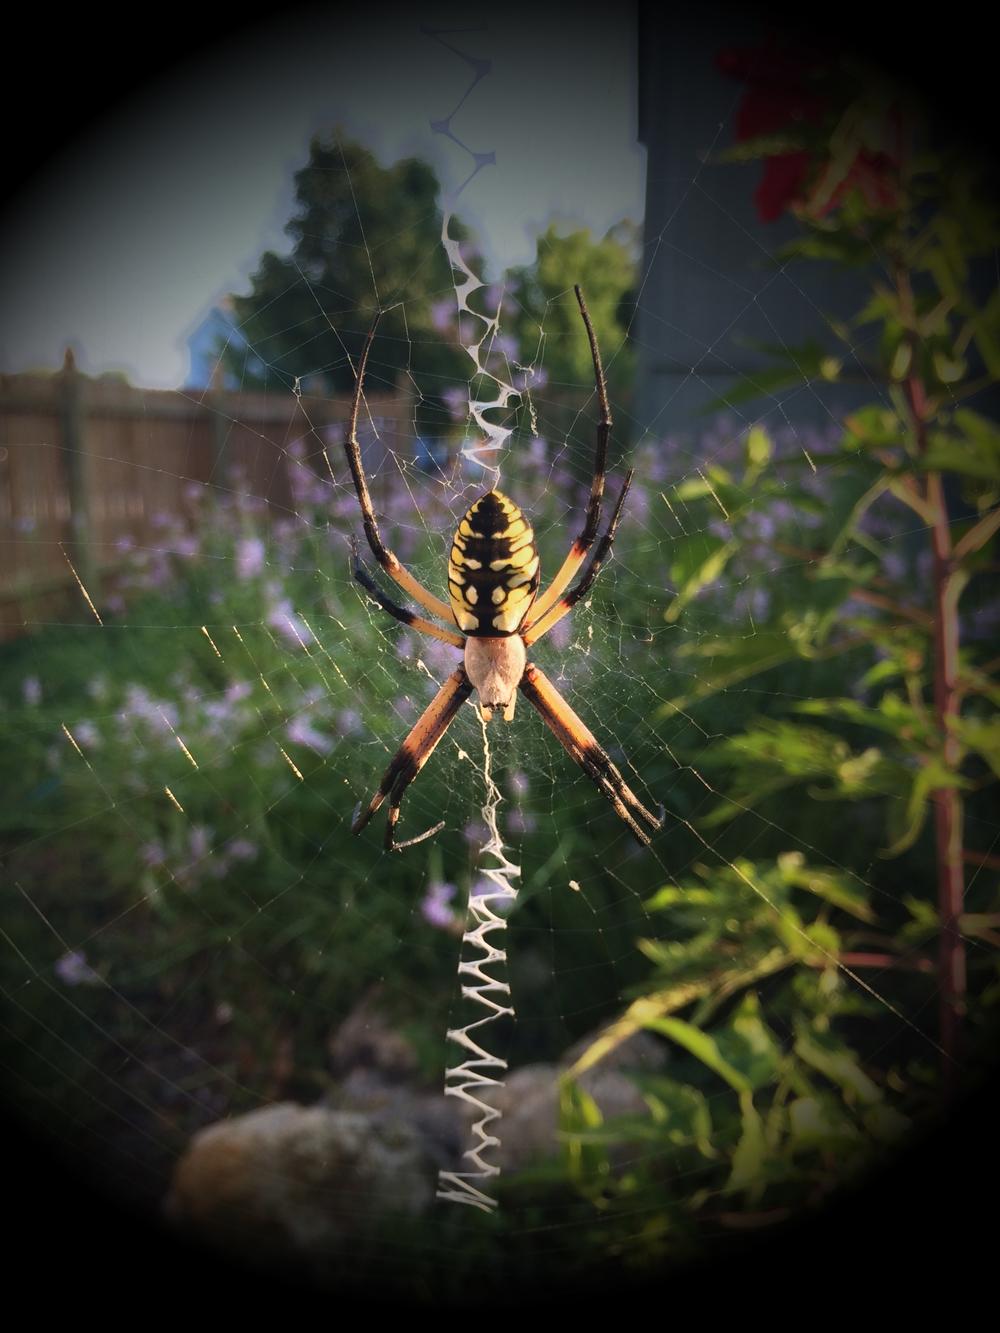 yellow_garden_spider.jpg